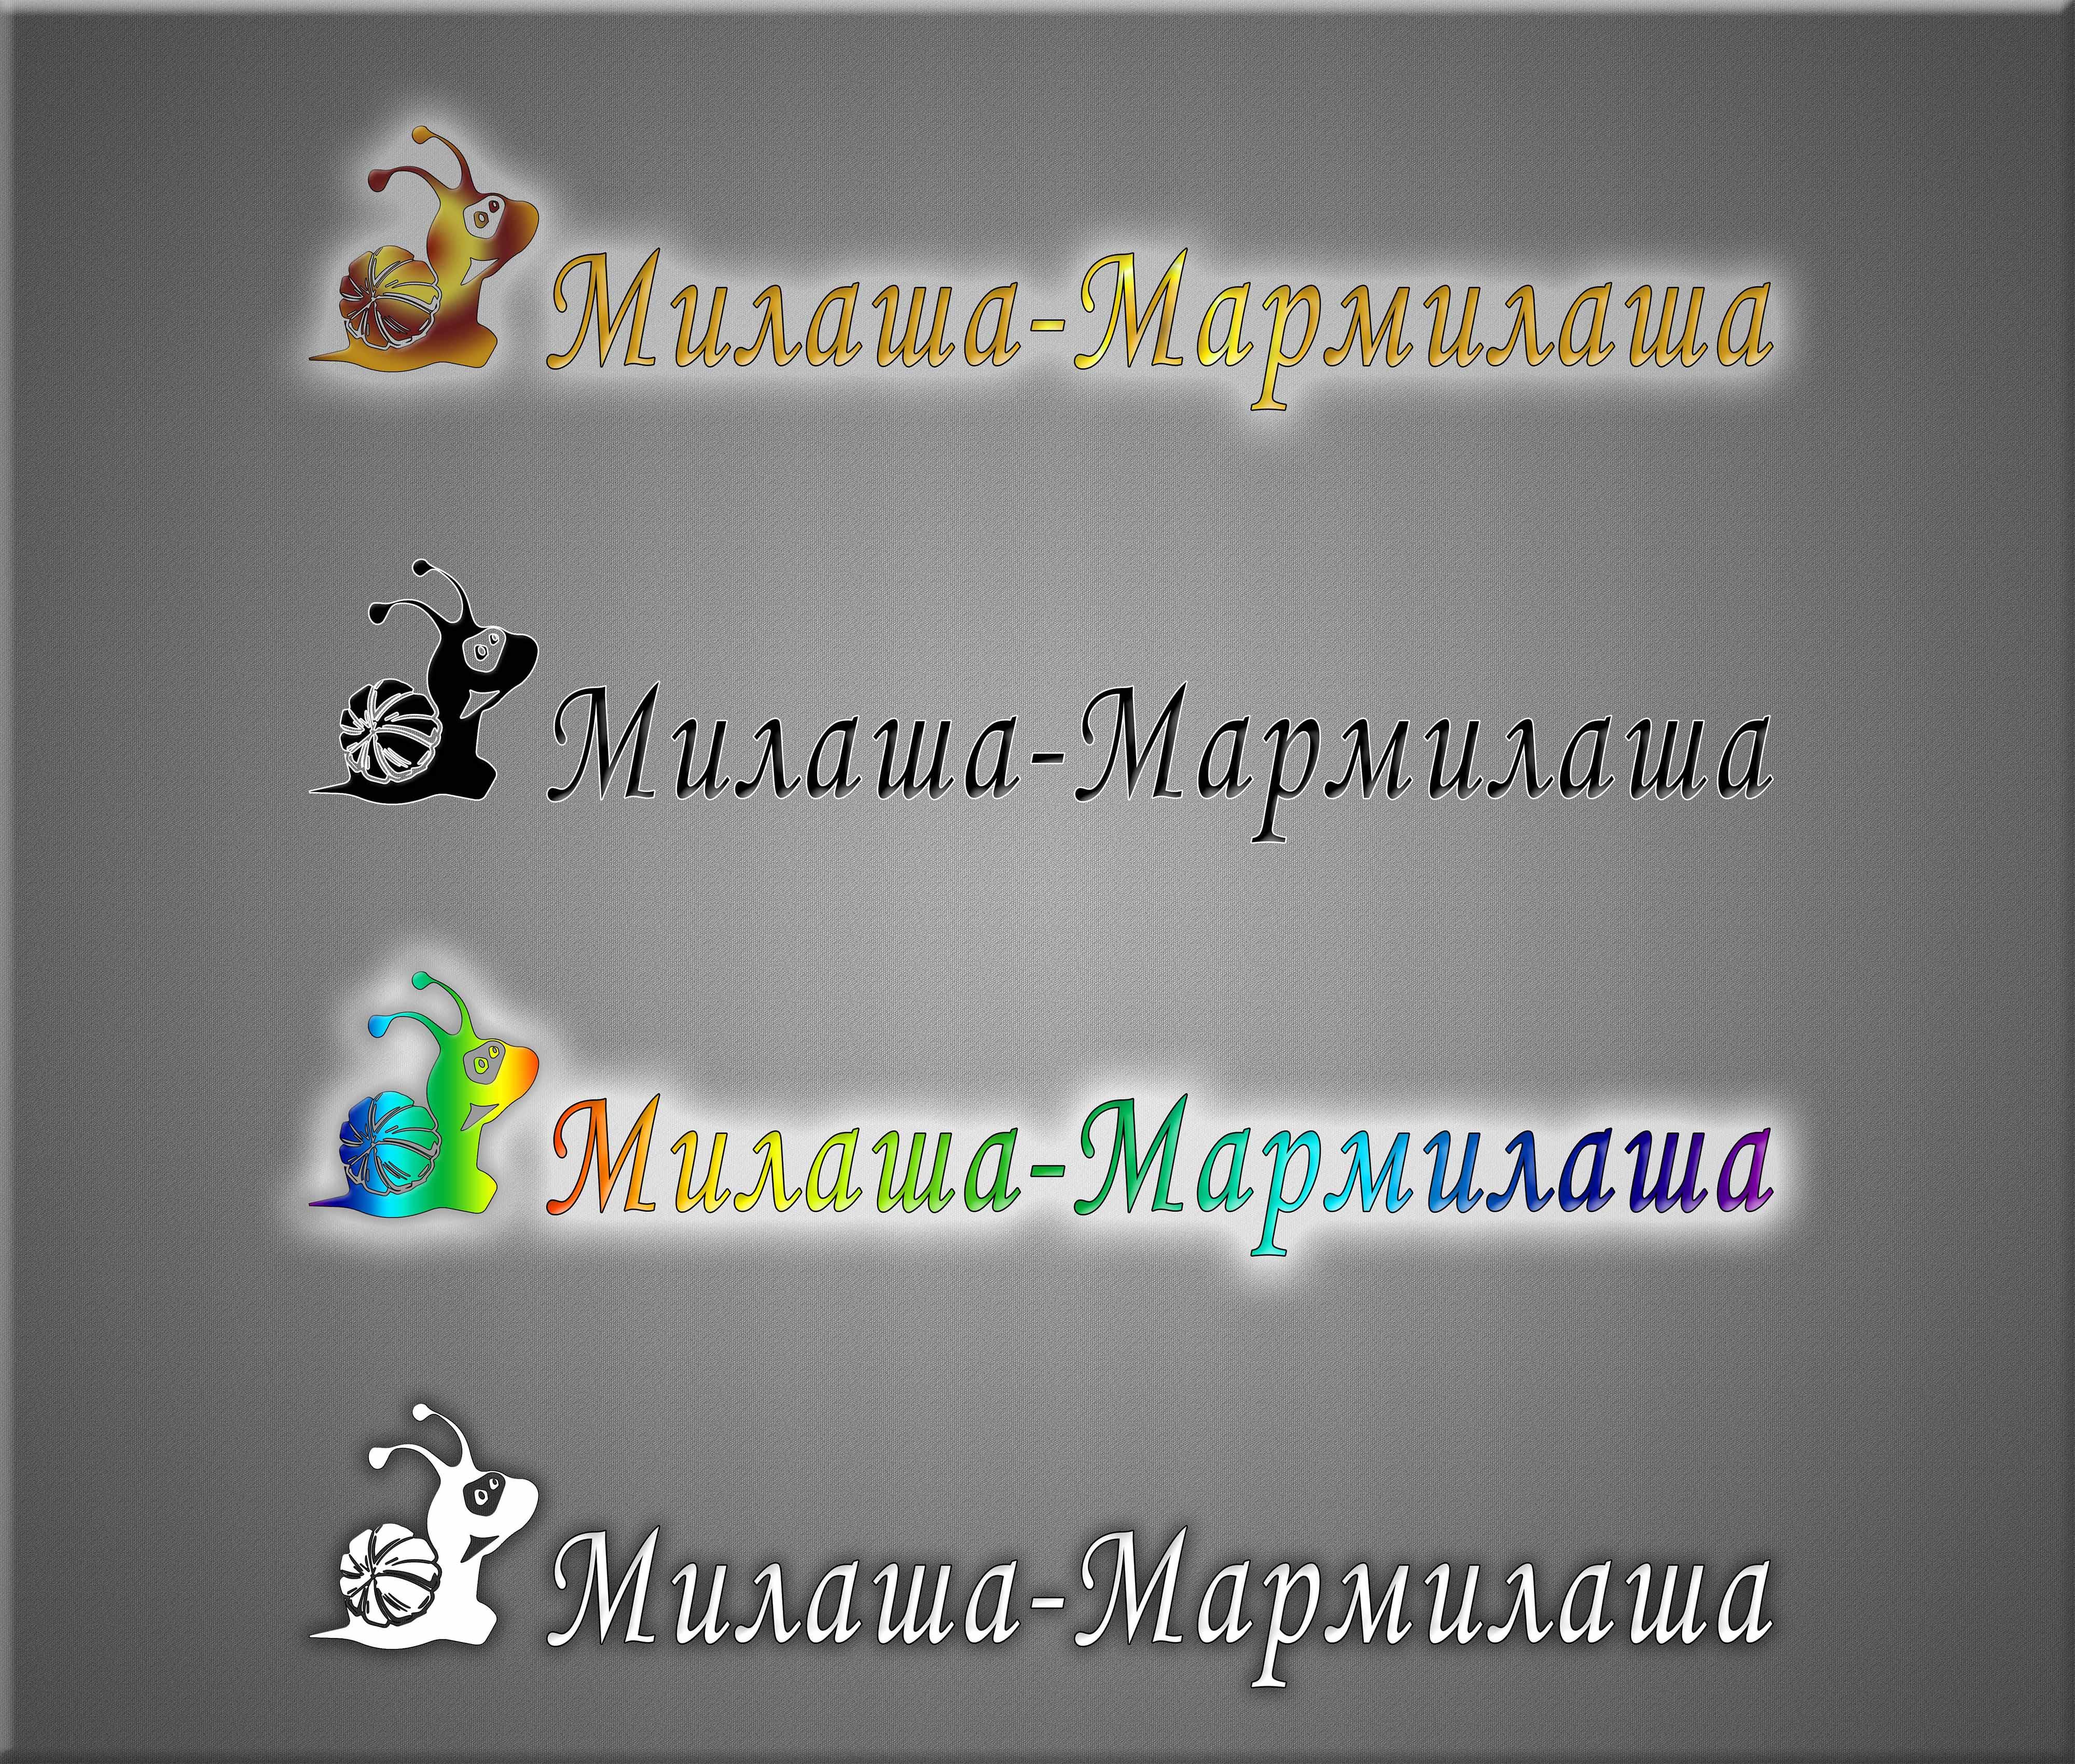 """Логотип для товарного знака """"Милаша-Мармилаша"""" фото f_093587639fcf1ad1.jpg"""